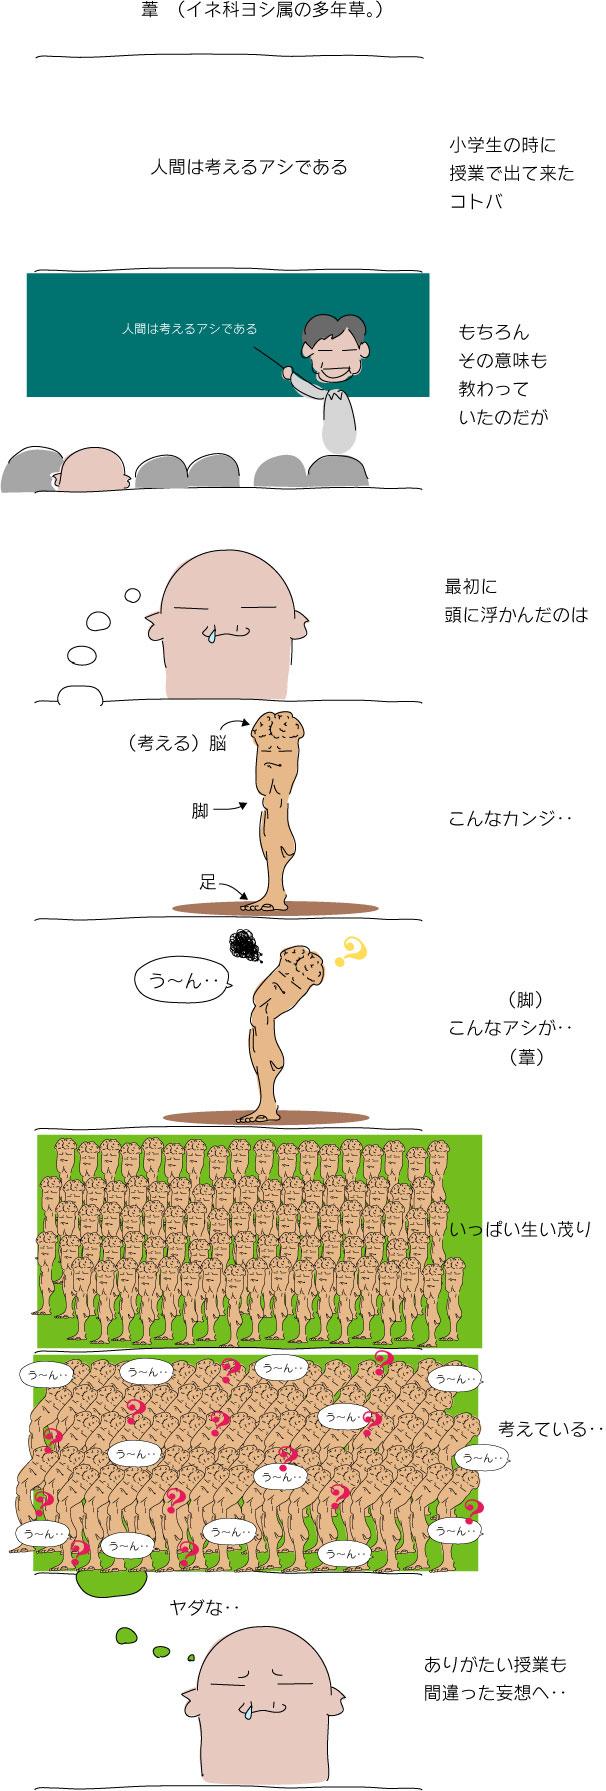 人間は考える葦である